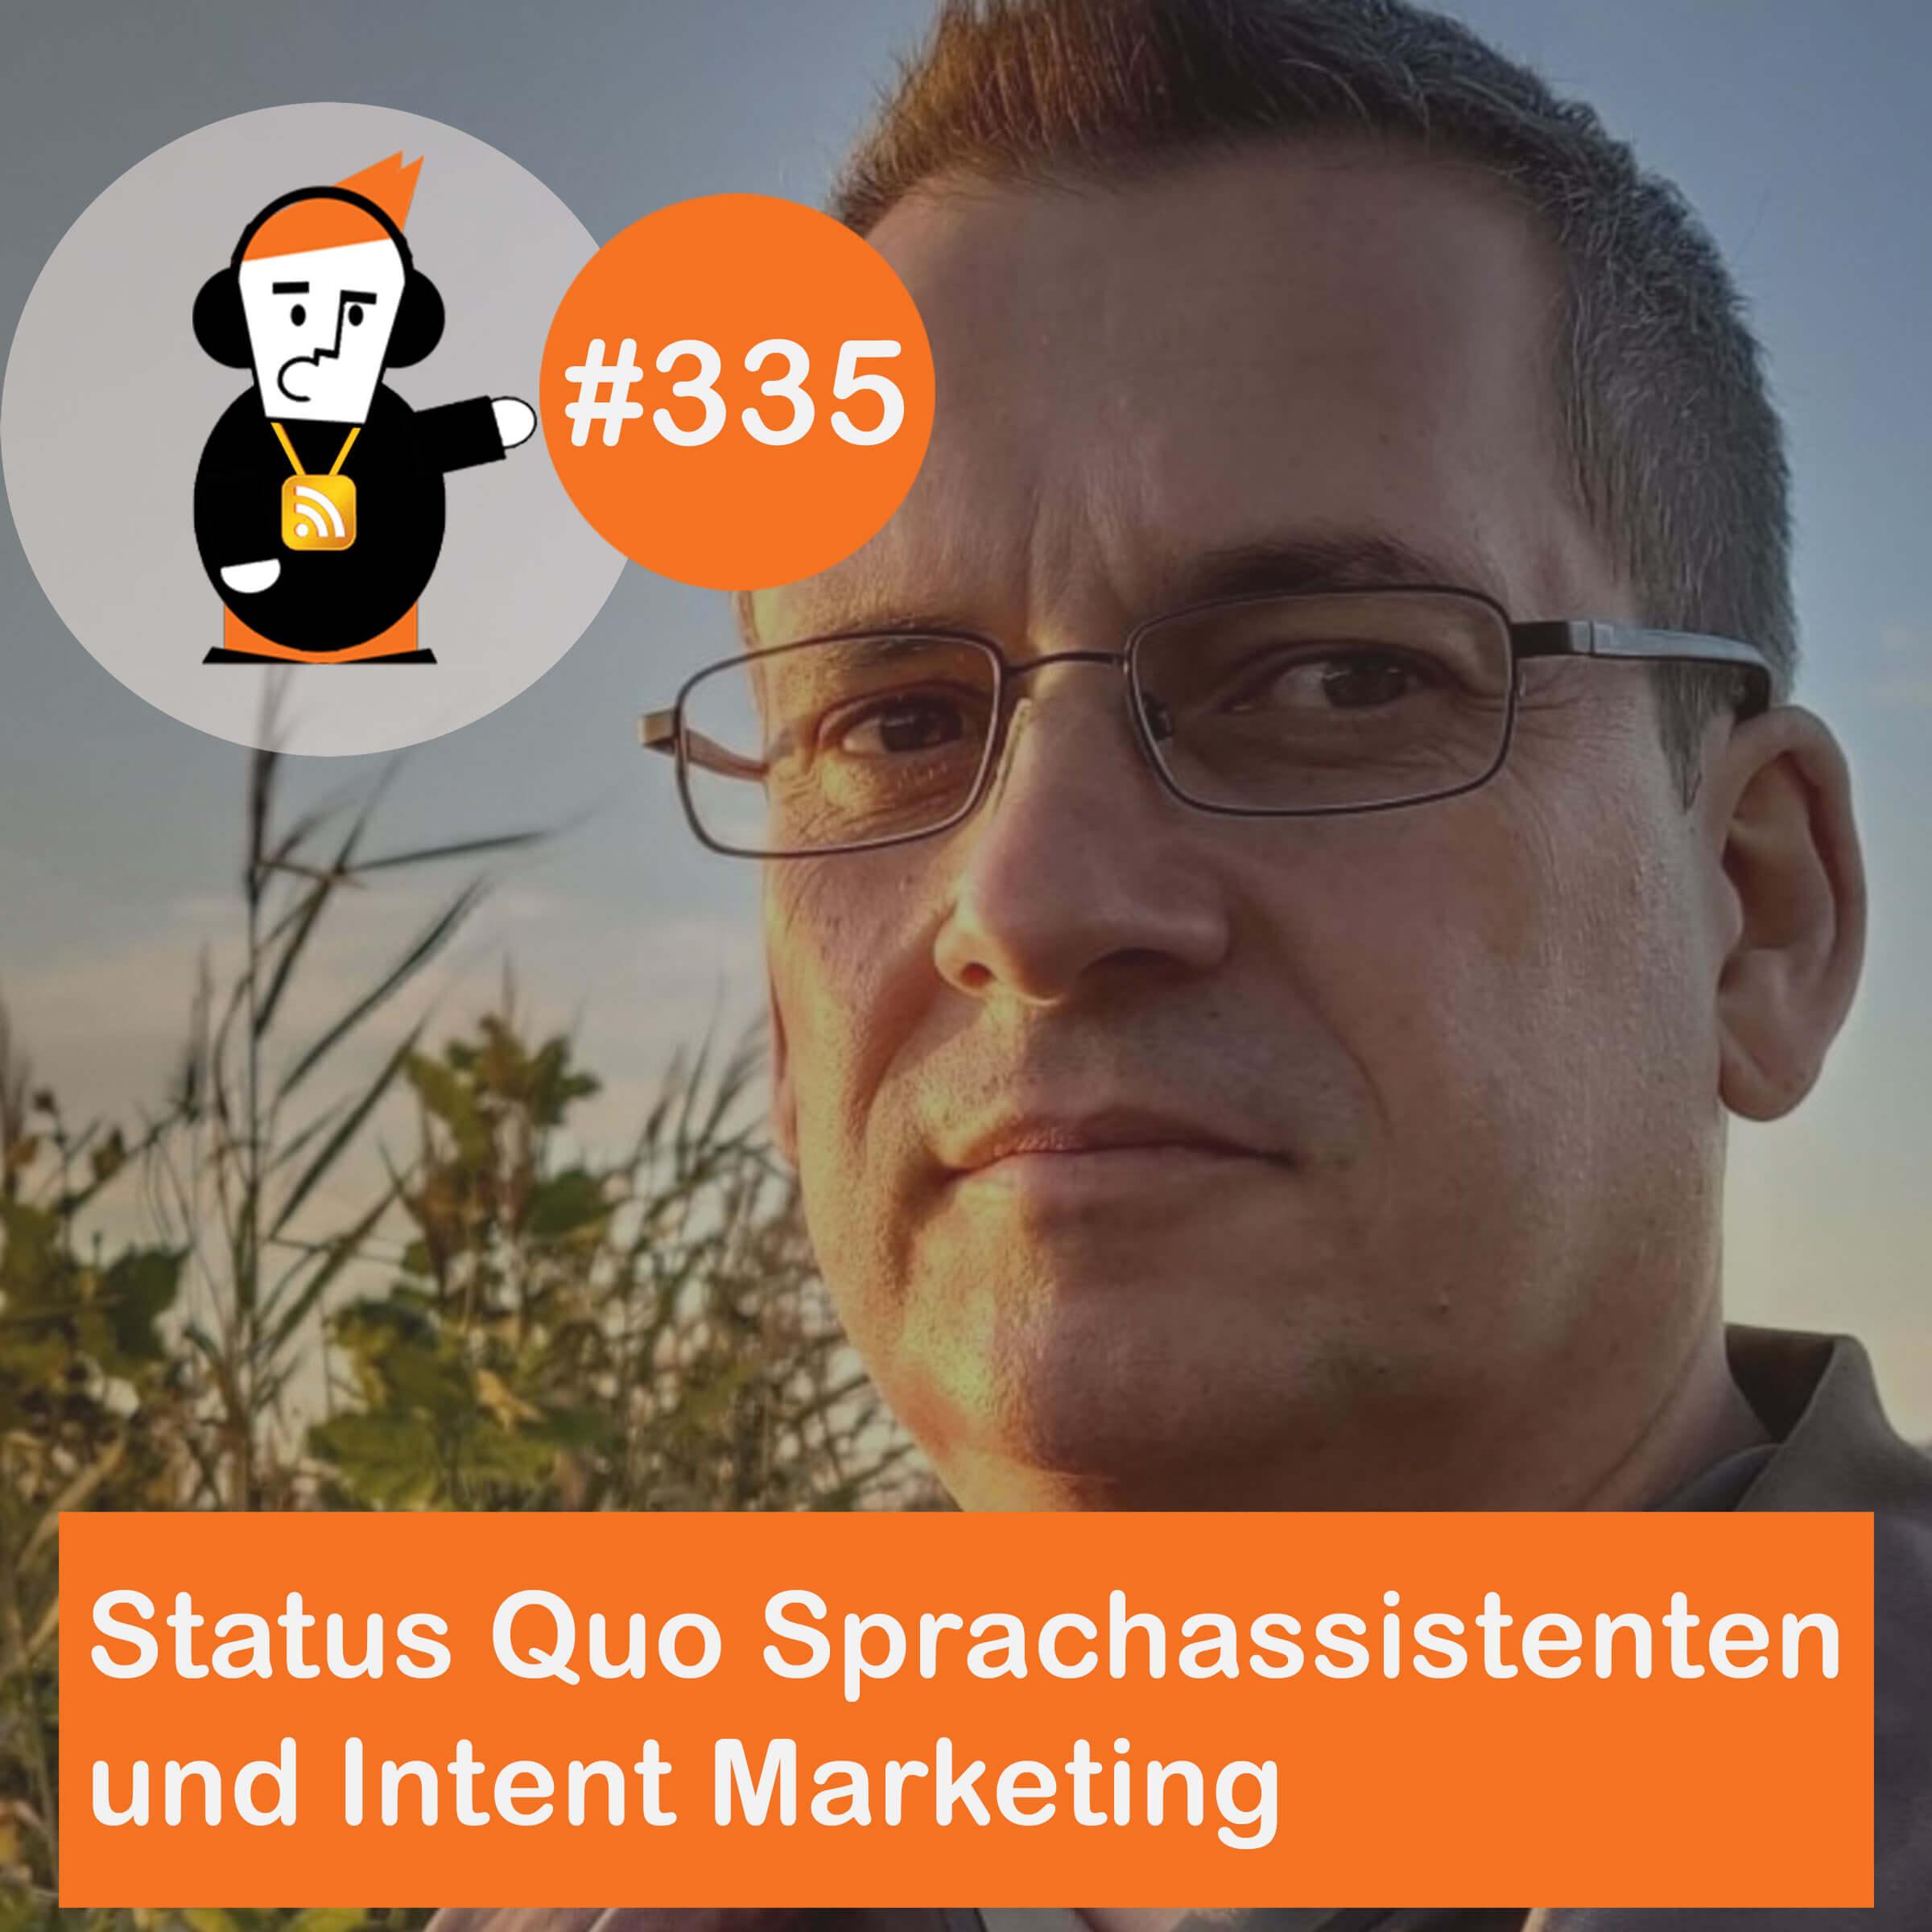 Status Quo Digitale Sprachassistenten und Intent Marketing - Mit Robert C. Mendez